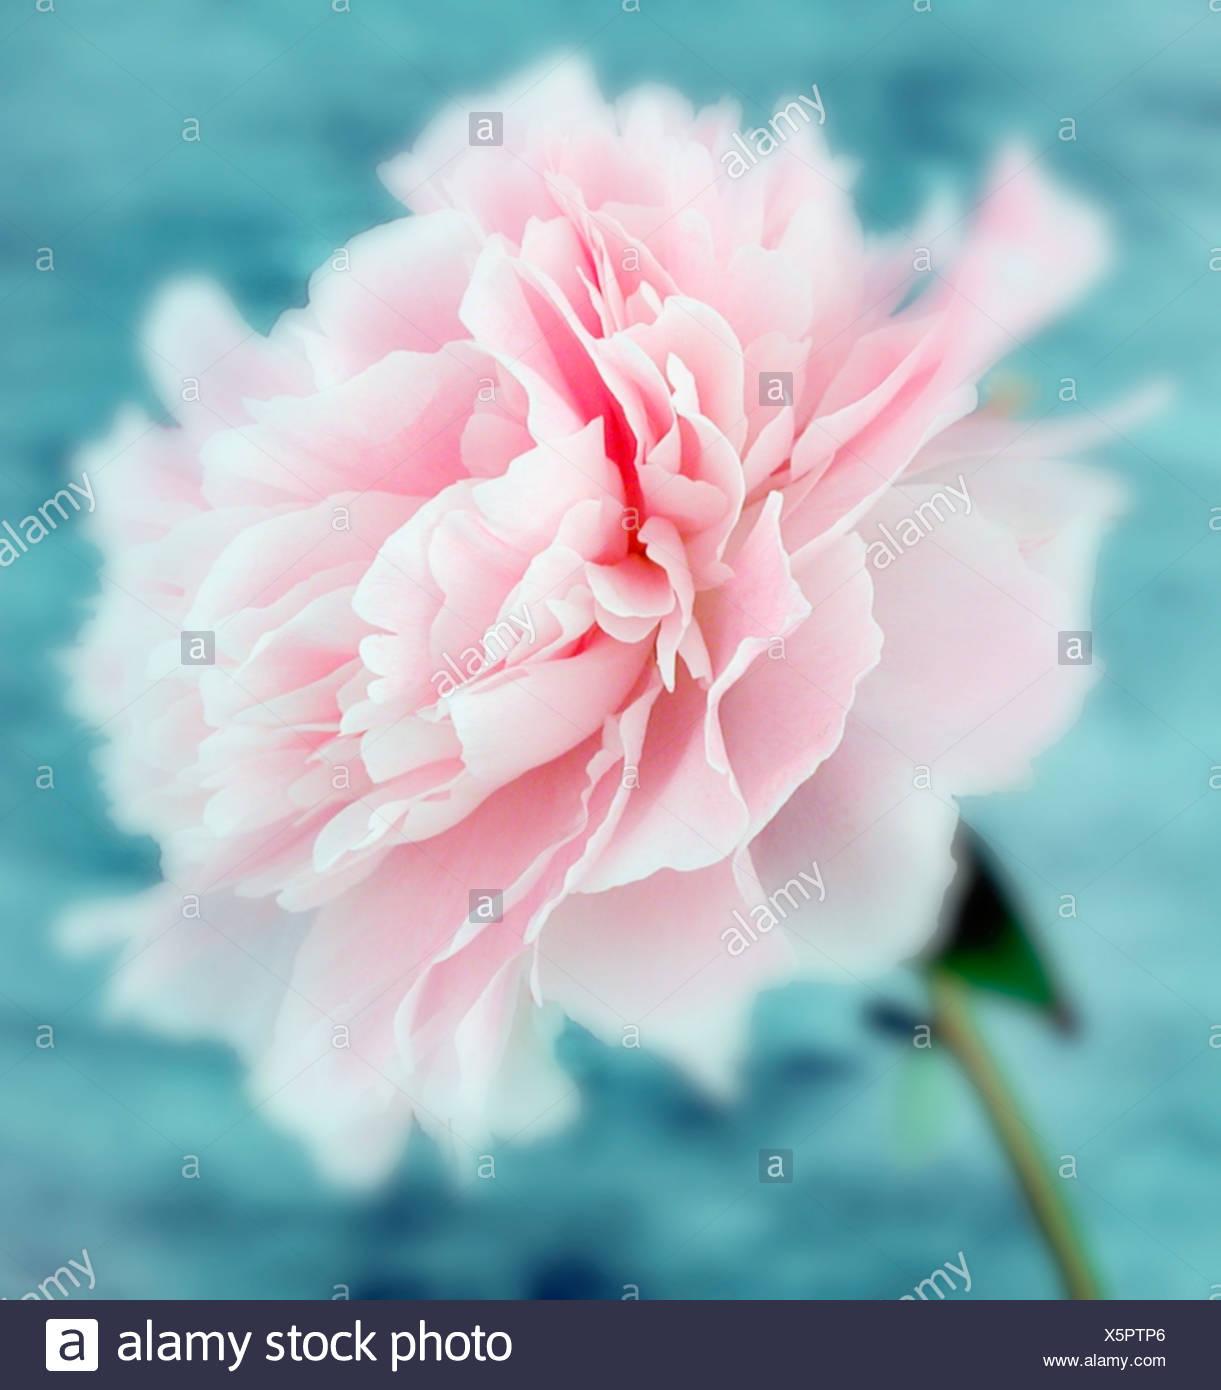 Paeonia lactiflora 'Sarah Bernhardt', Peony Stock Photo